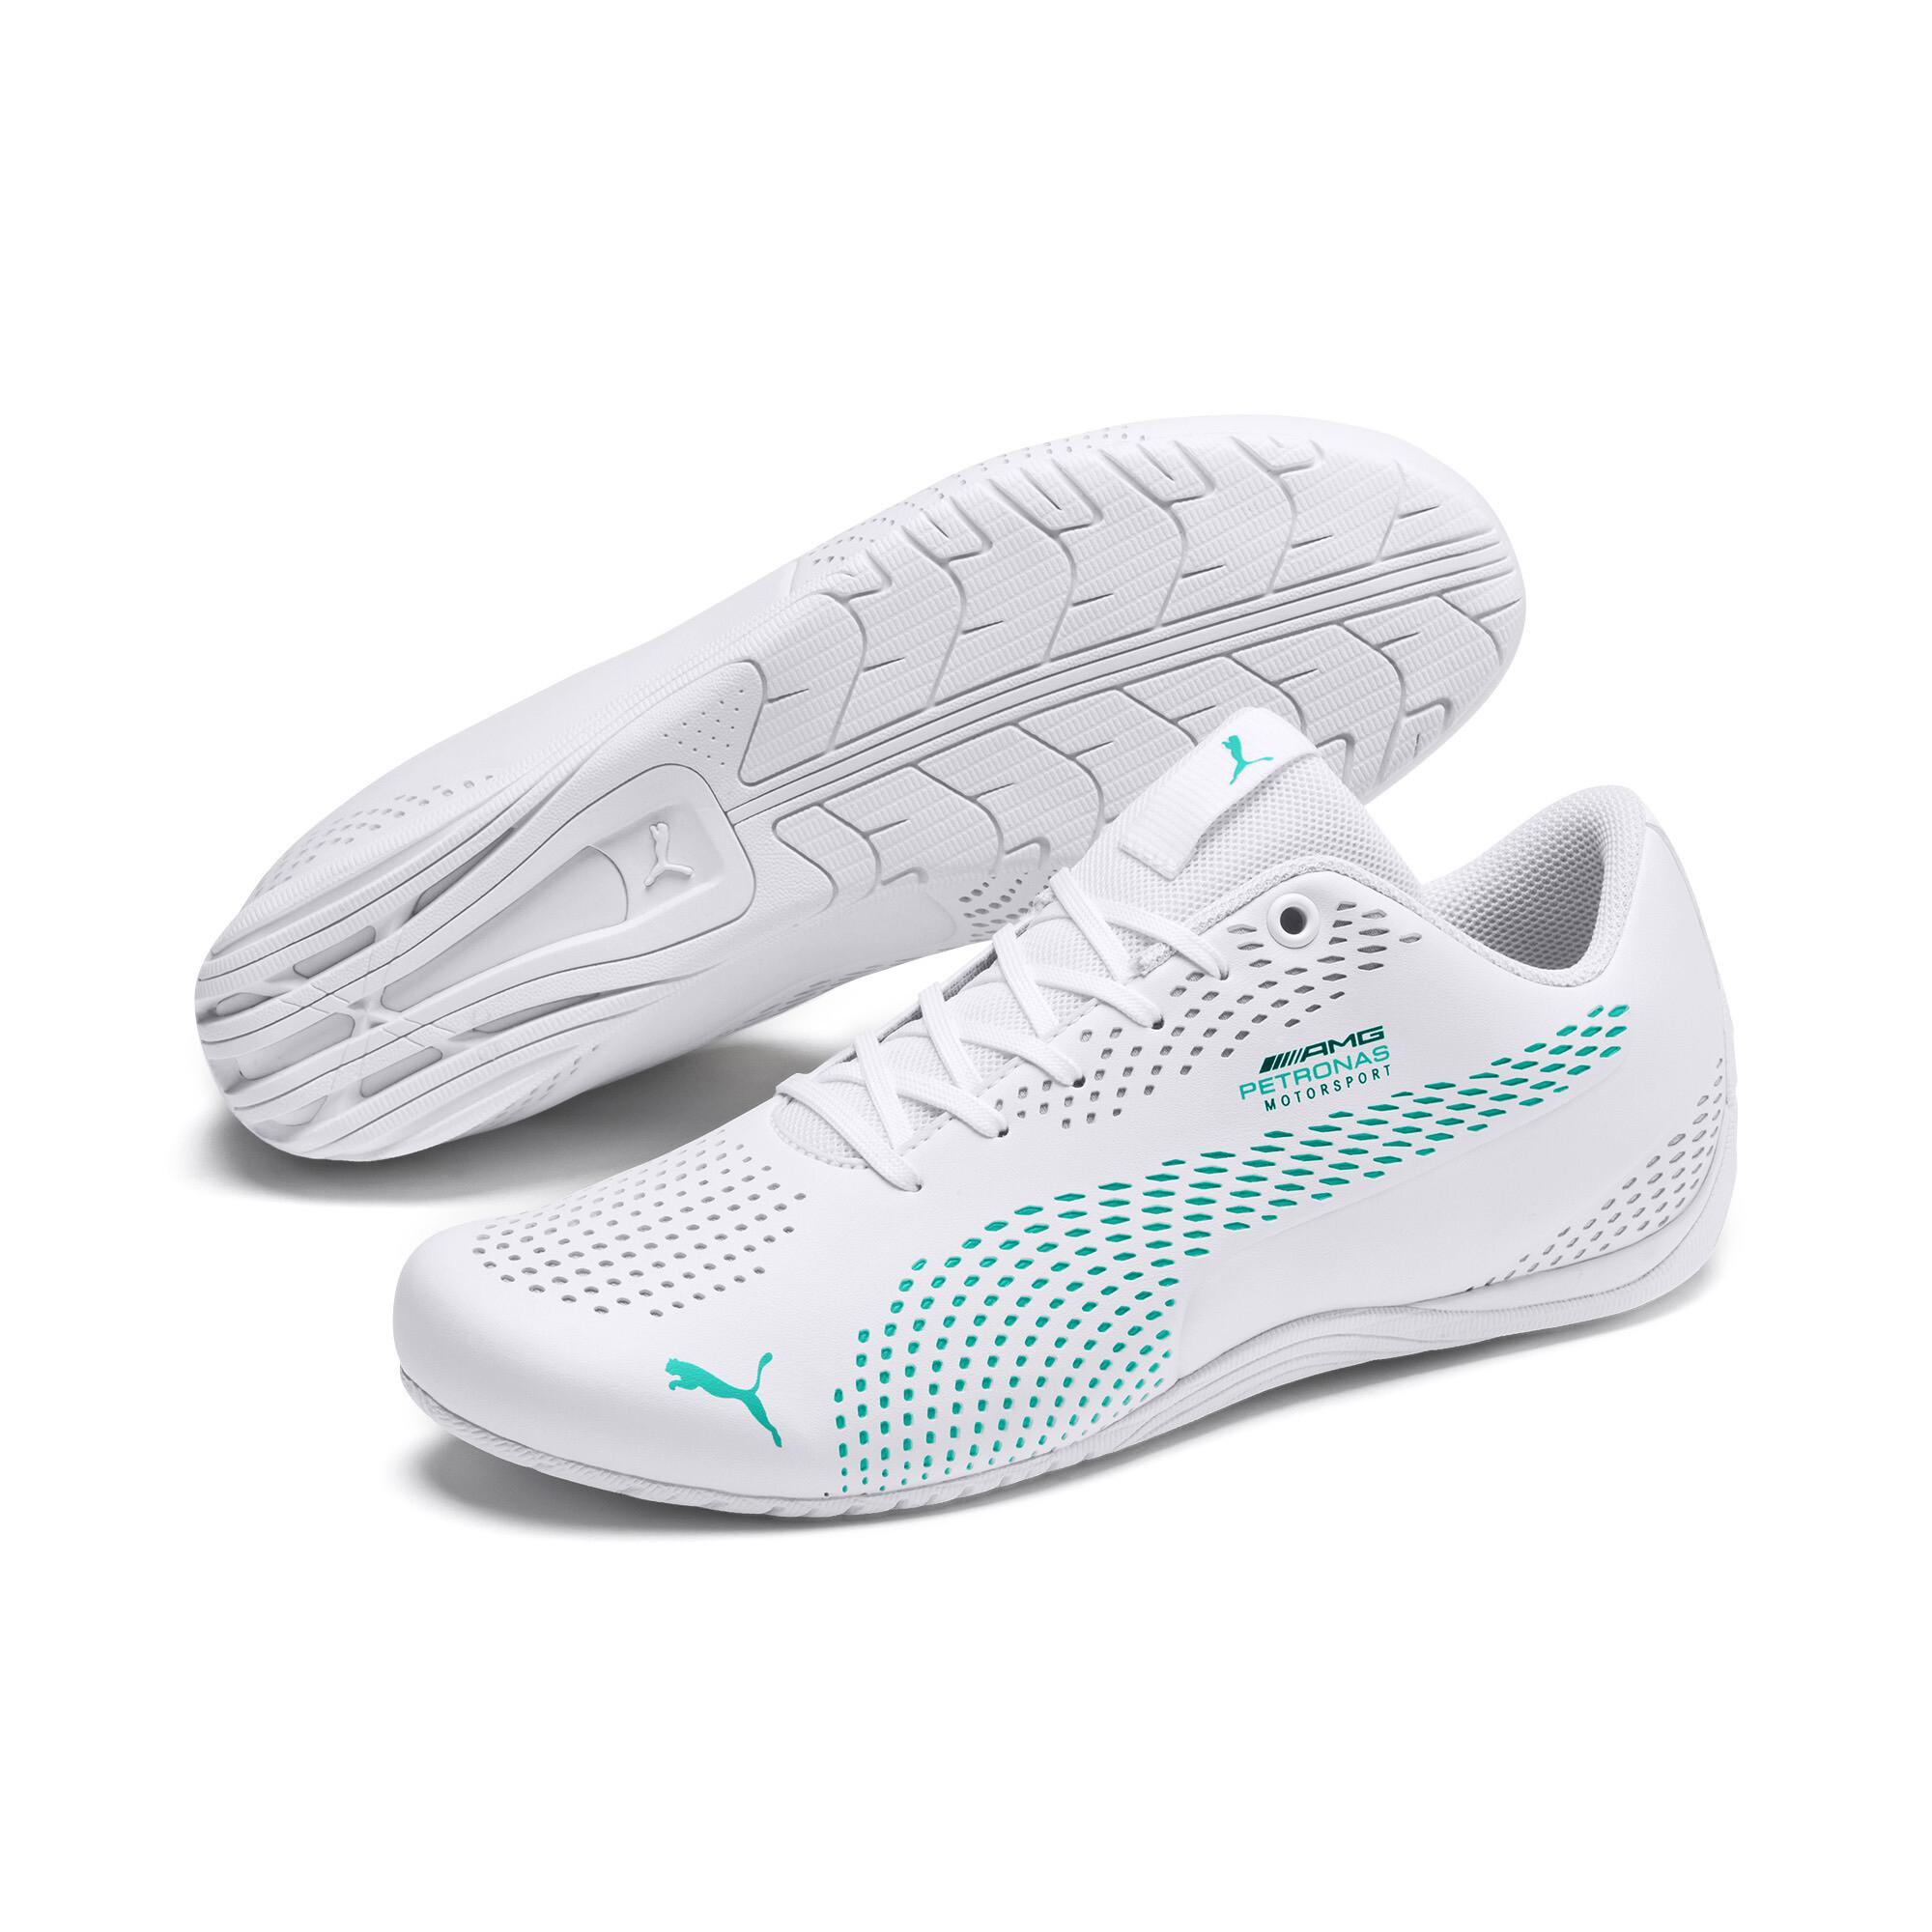 Details zu Mercedes AMG Puma Sneaker Schuhe Sportschuhe Weis